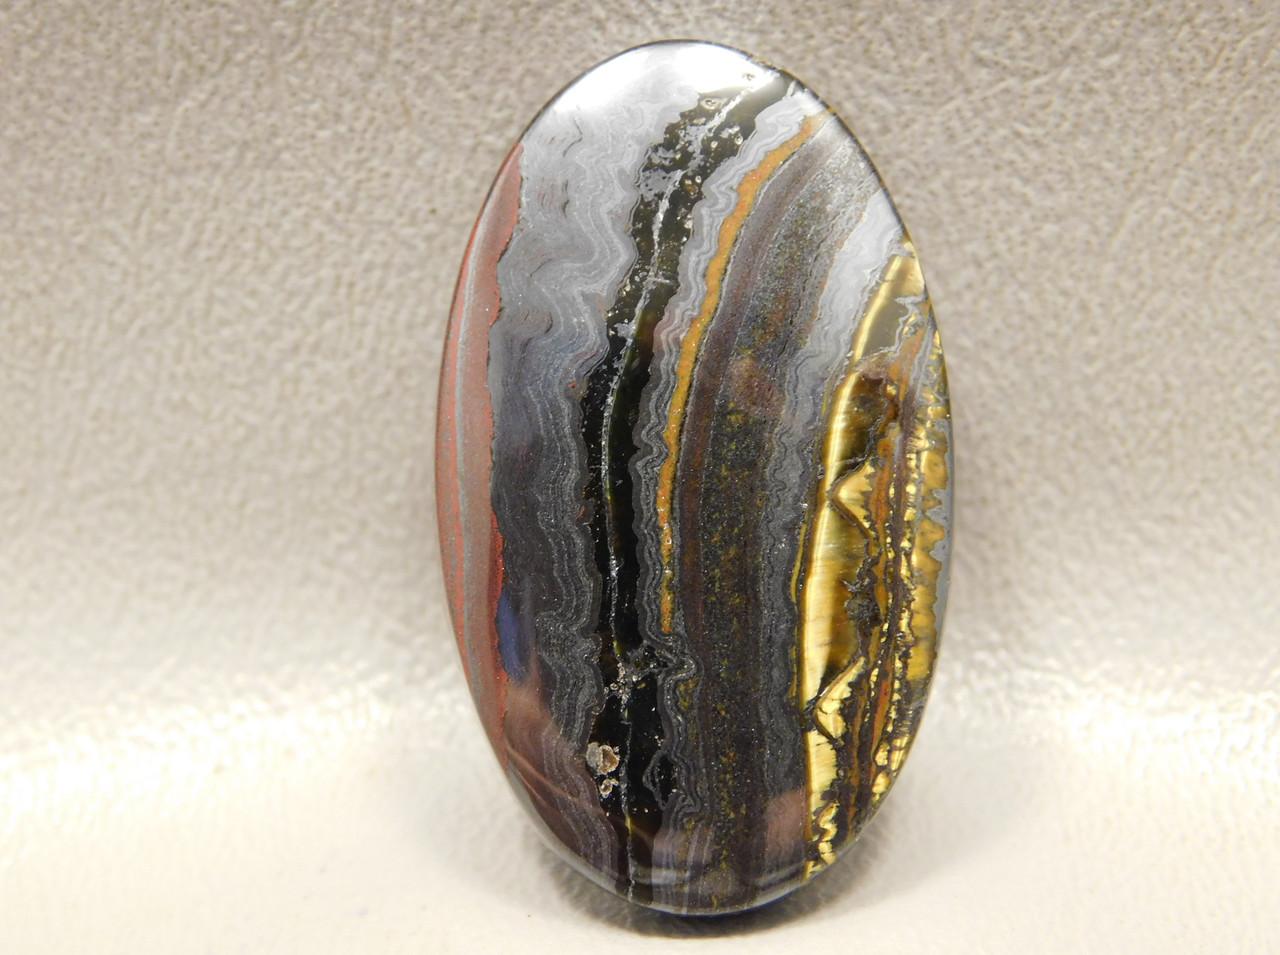 Tiger Iron Semi Precious Stone Cabochon #5